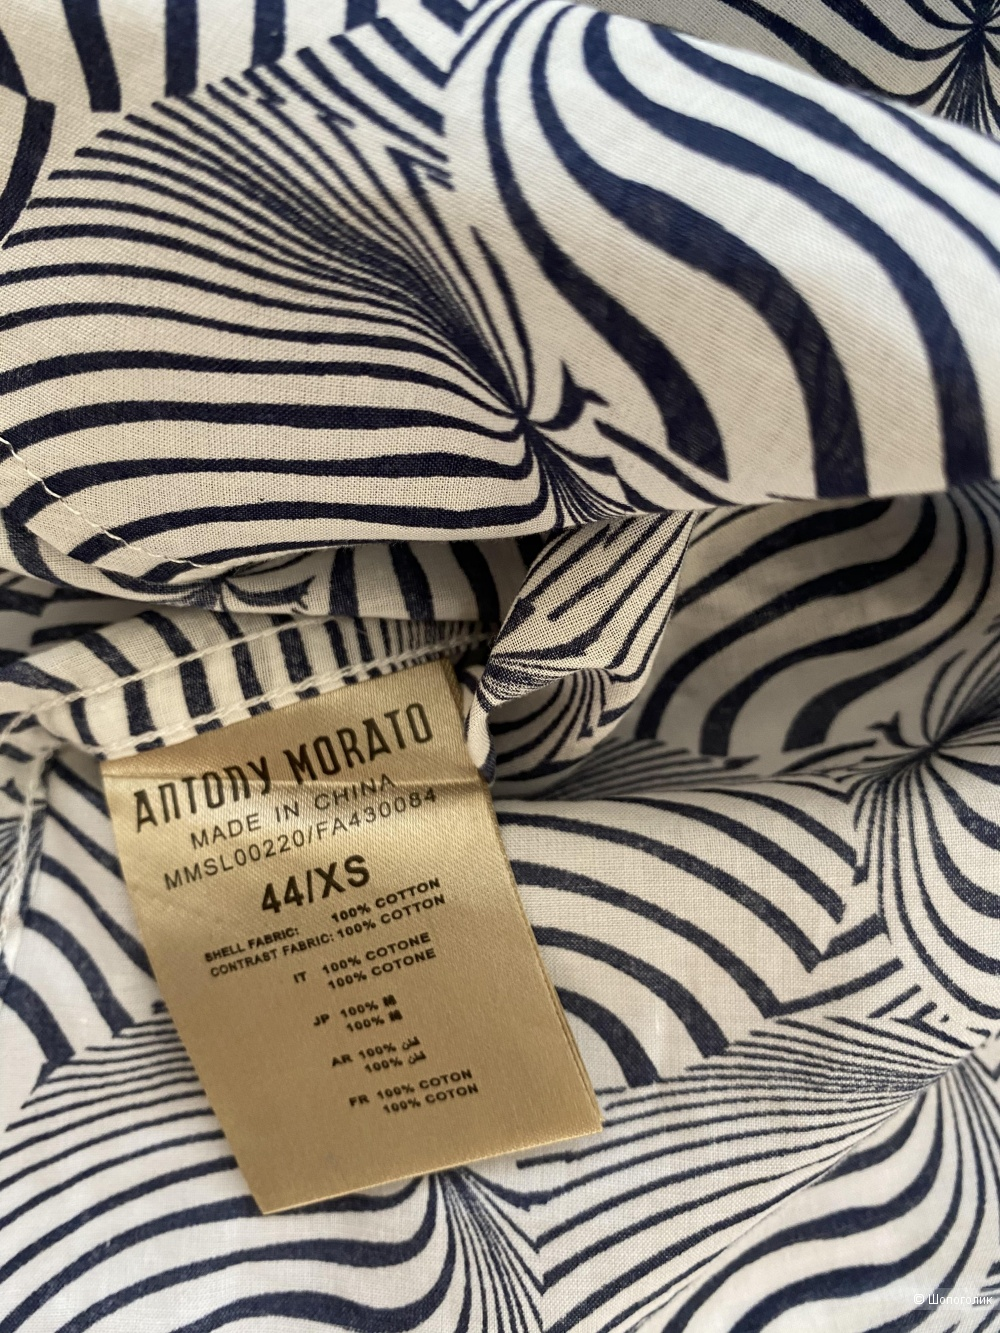 Рубашка Antony Morato размер xs